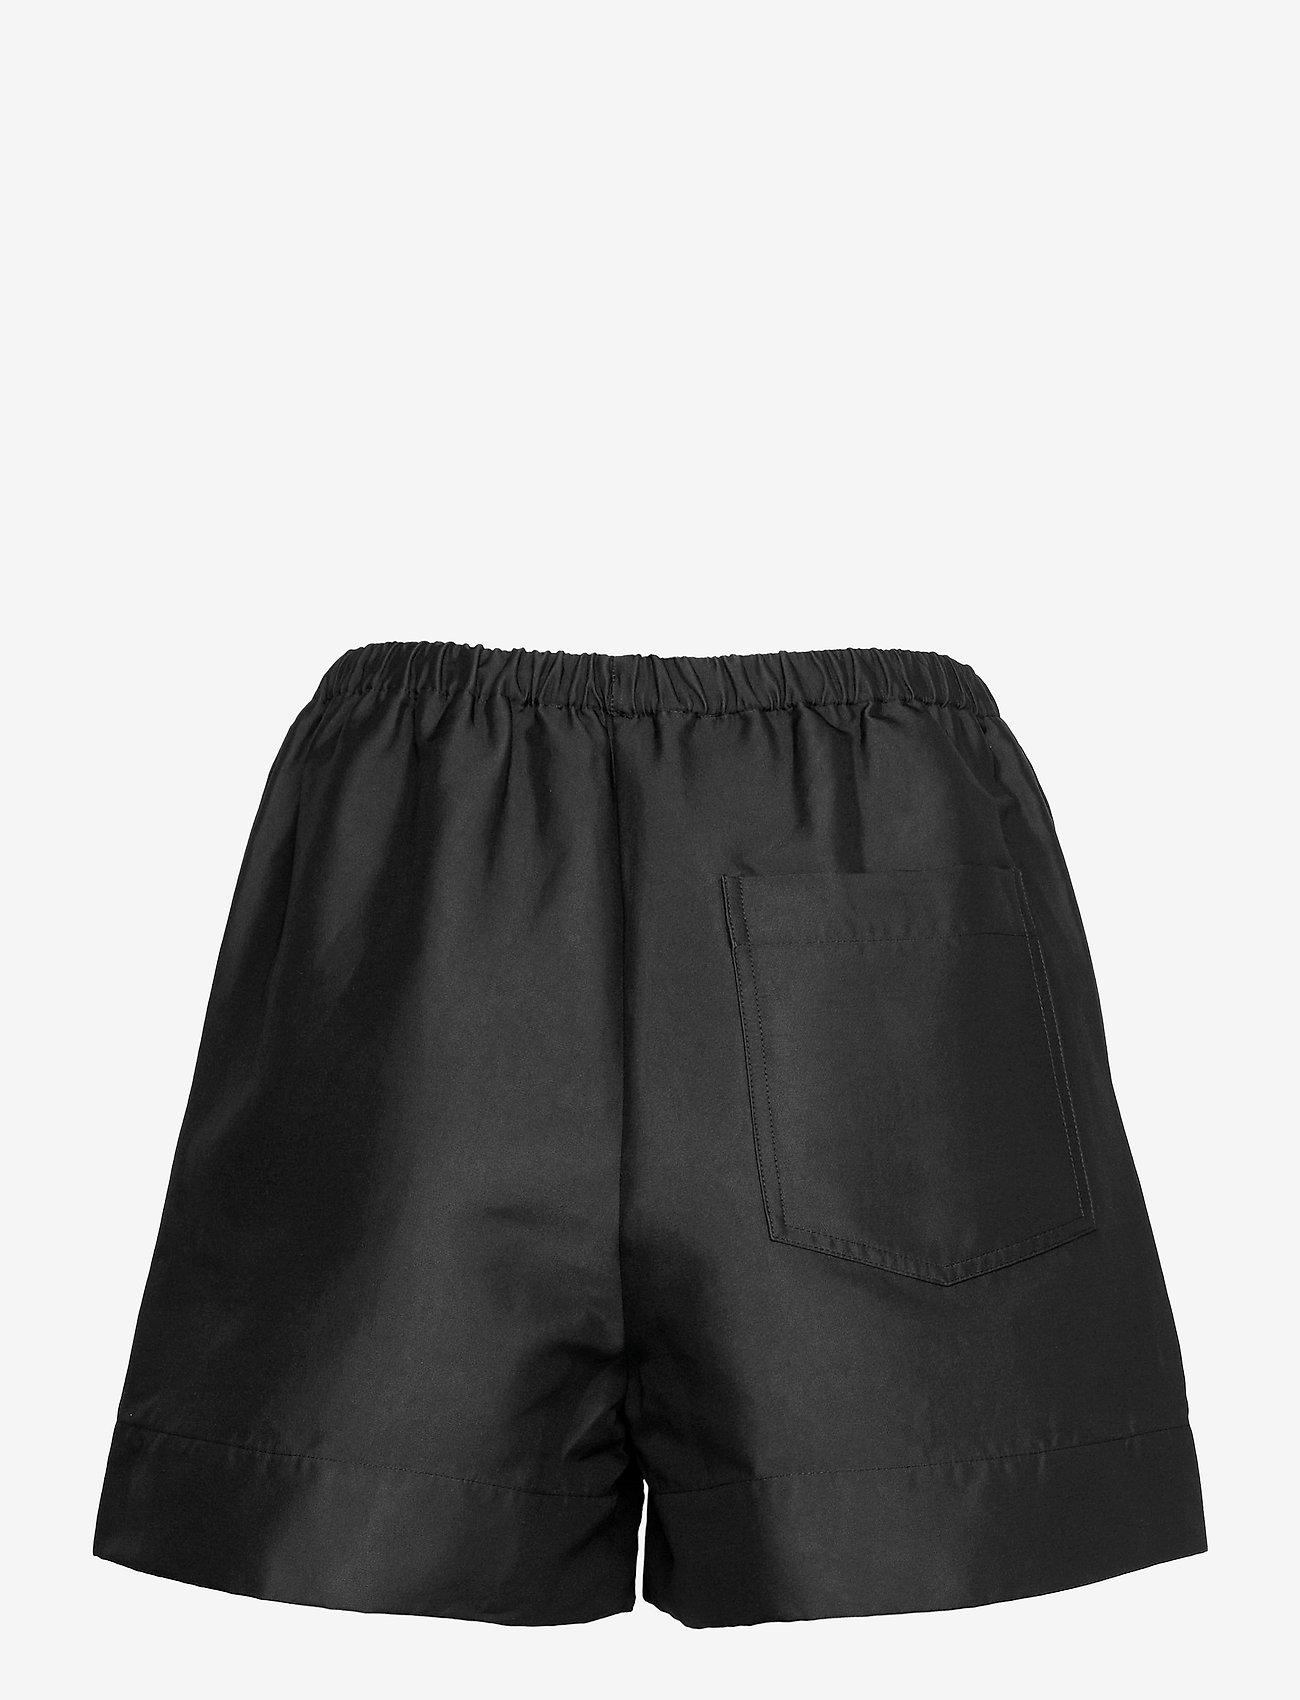 Samsøe Samsøe - Laury shorts 14208 - shorts casual - black - 1